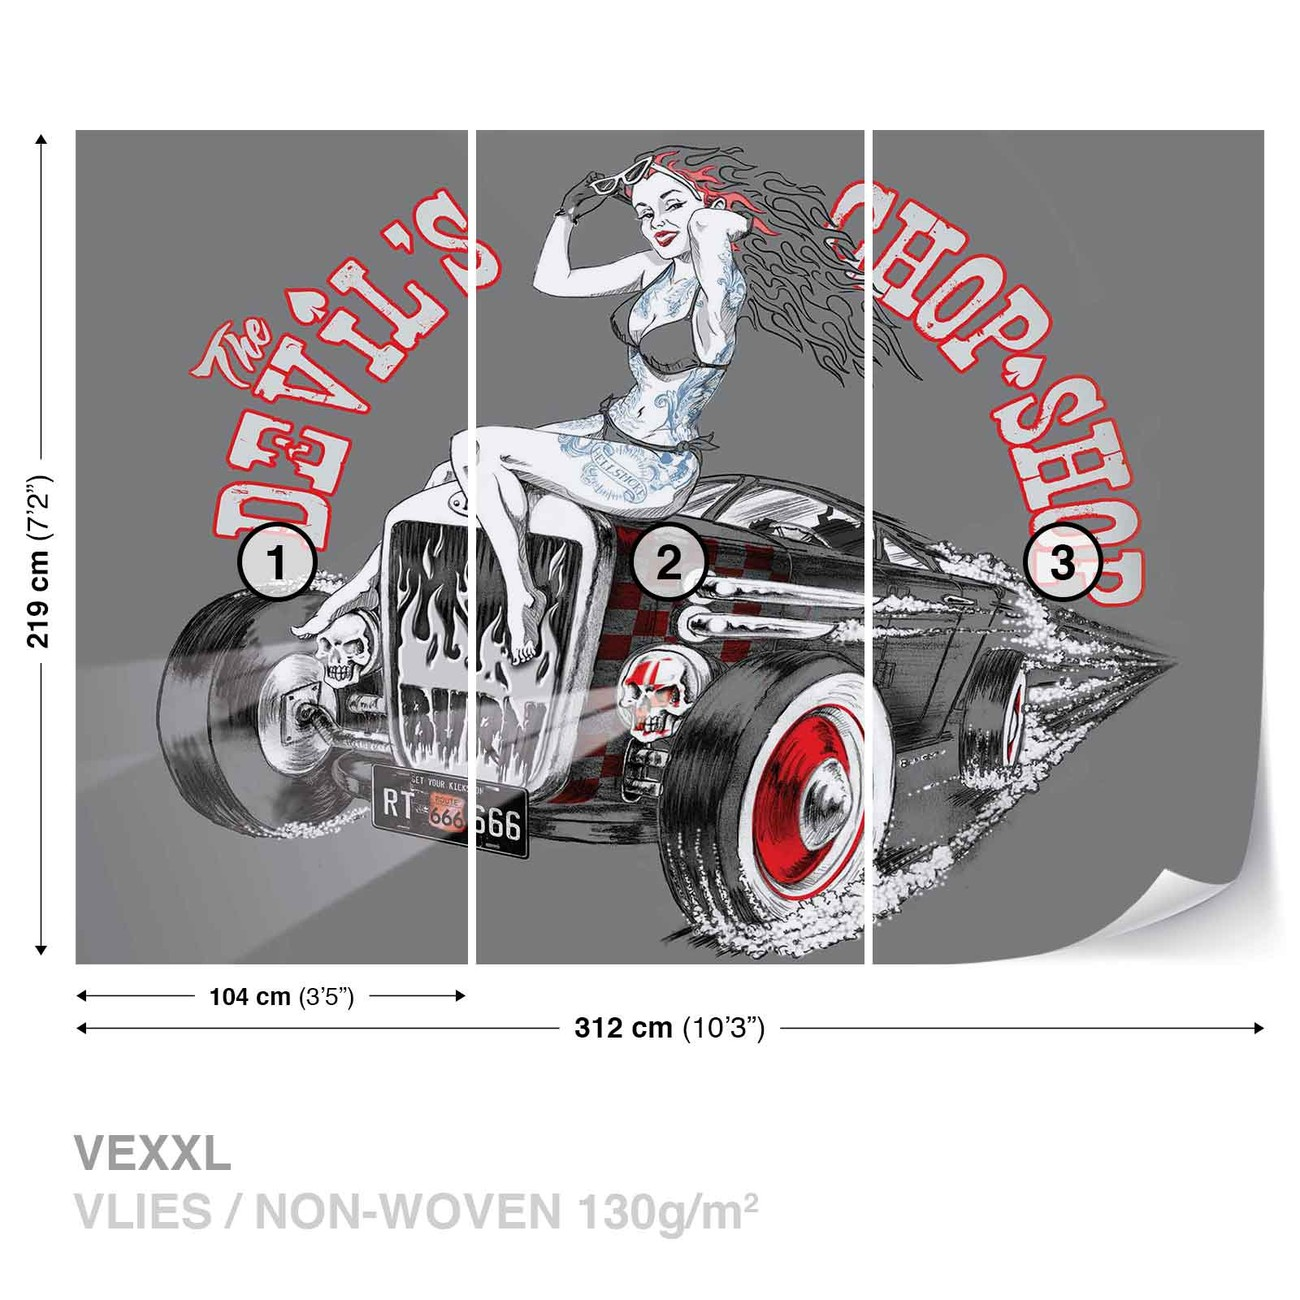 alchimie hot rod devil voiture poster mural papier peint acheter le sur. Black Bedroom Furniture Sets. Home Design Ideas